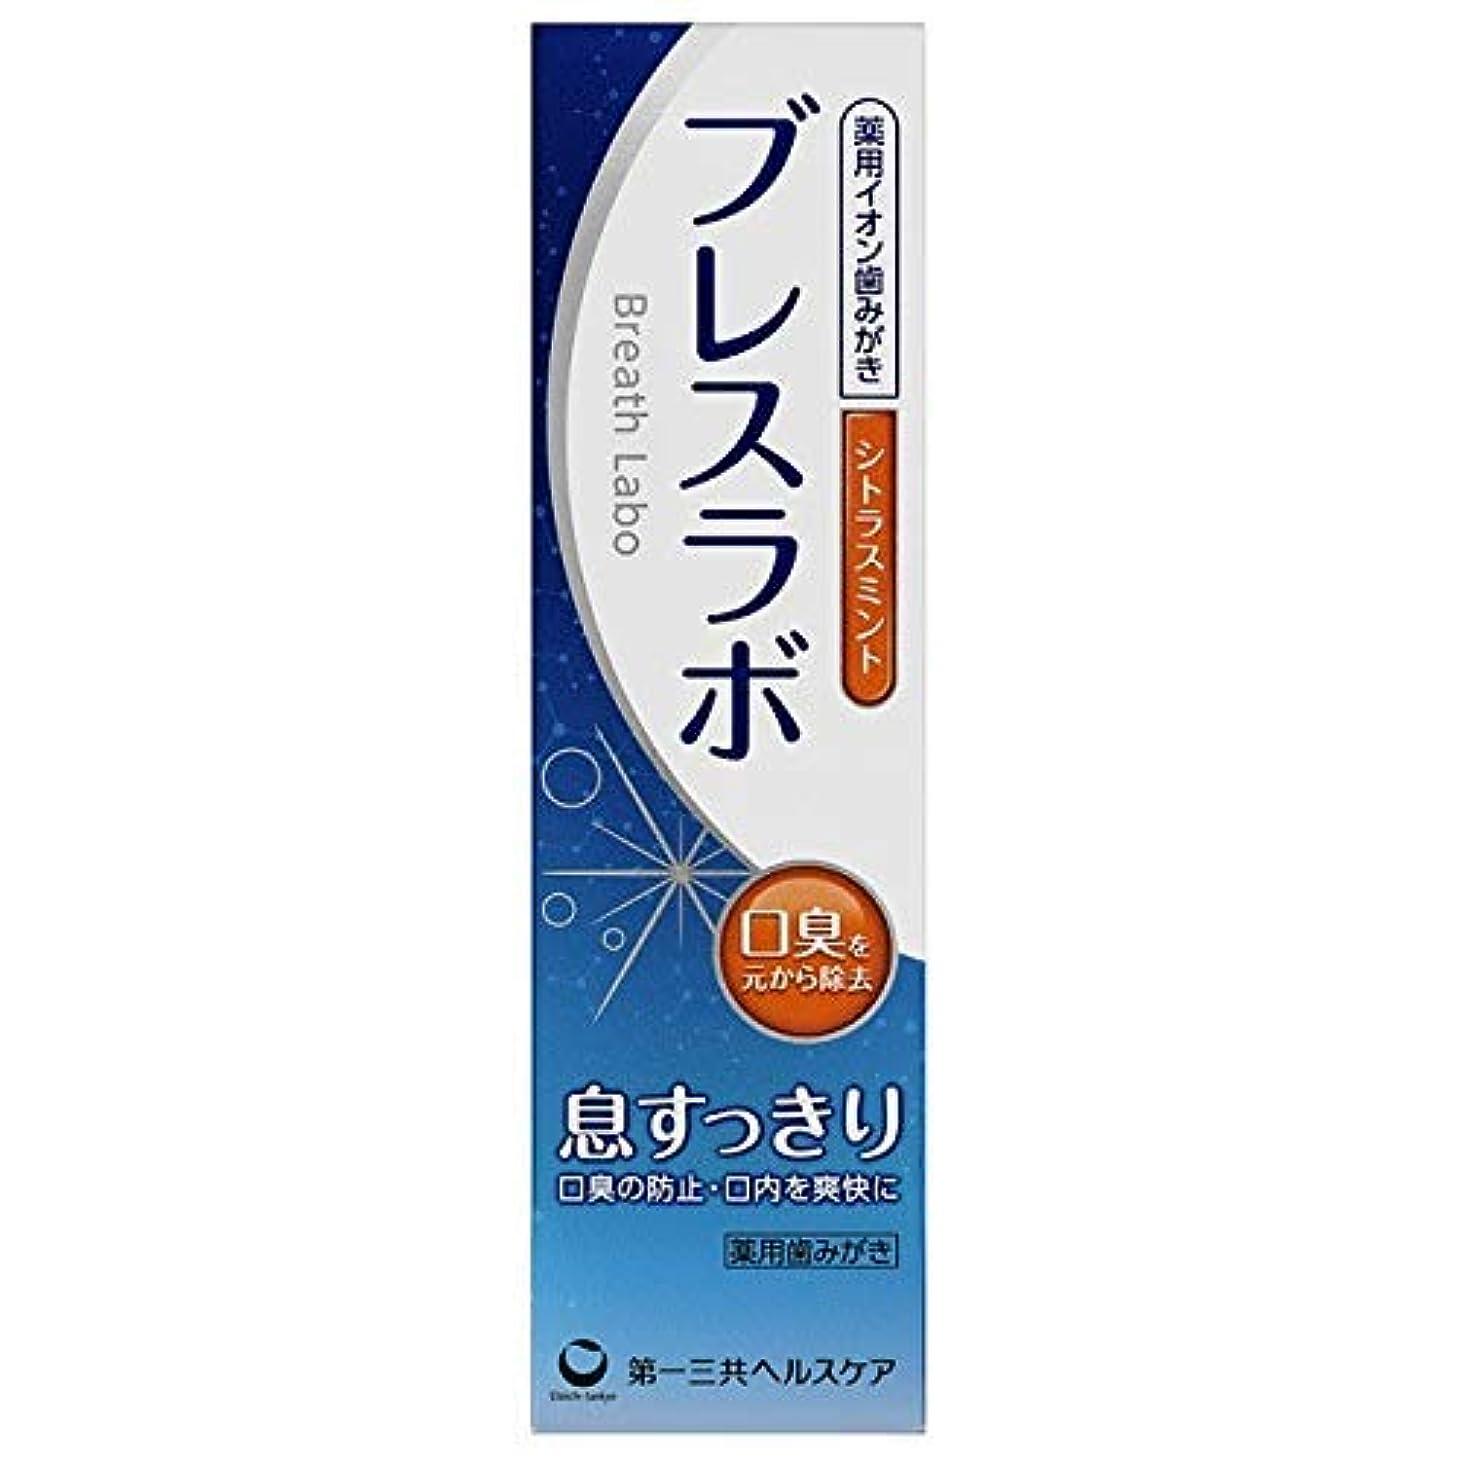 喜んでマンモス適応する【5個セット】ブレスラボ シトラスミント 90g